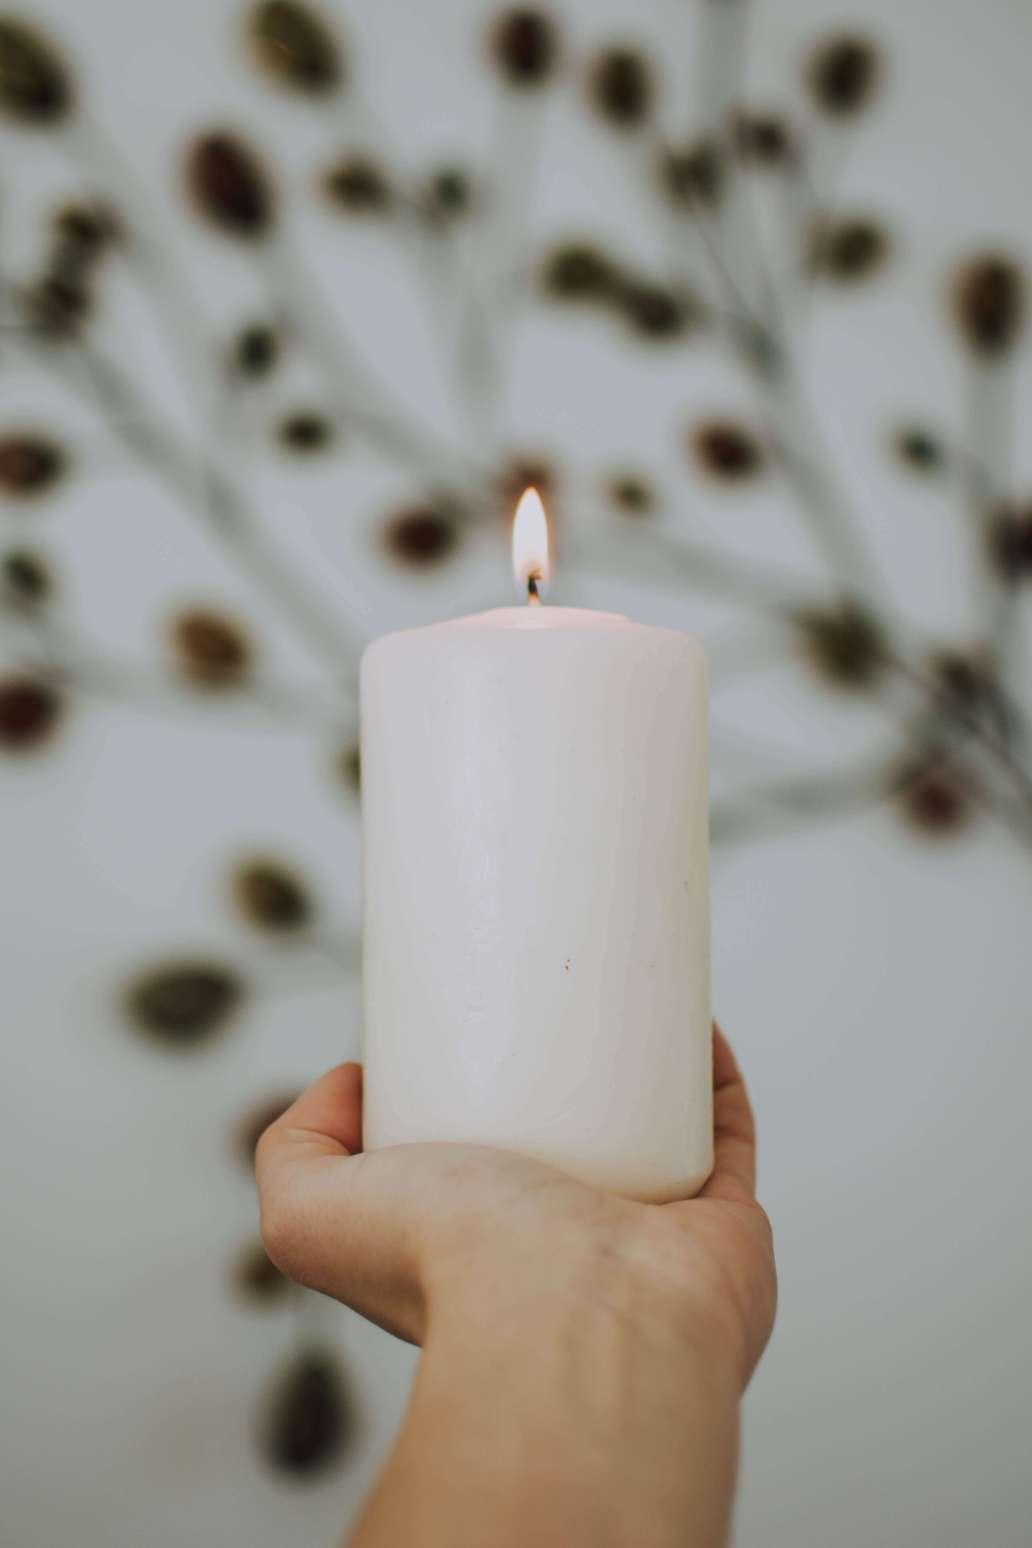 fotografierende QmQuOxLN6X0 unsplash 2 1365x2048 - Pourquoi choisir des bougies naturelles pour décorer la maison ?